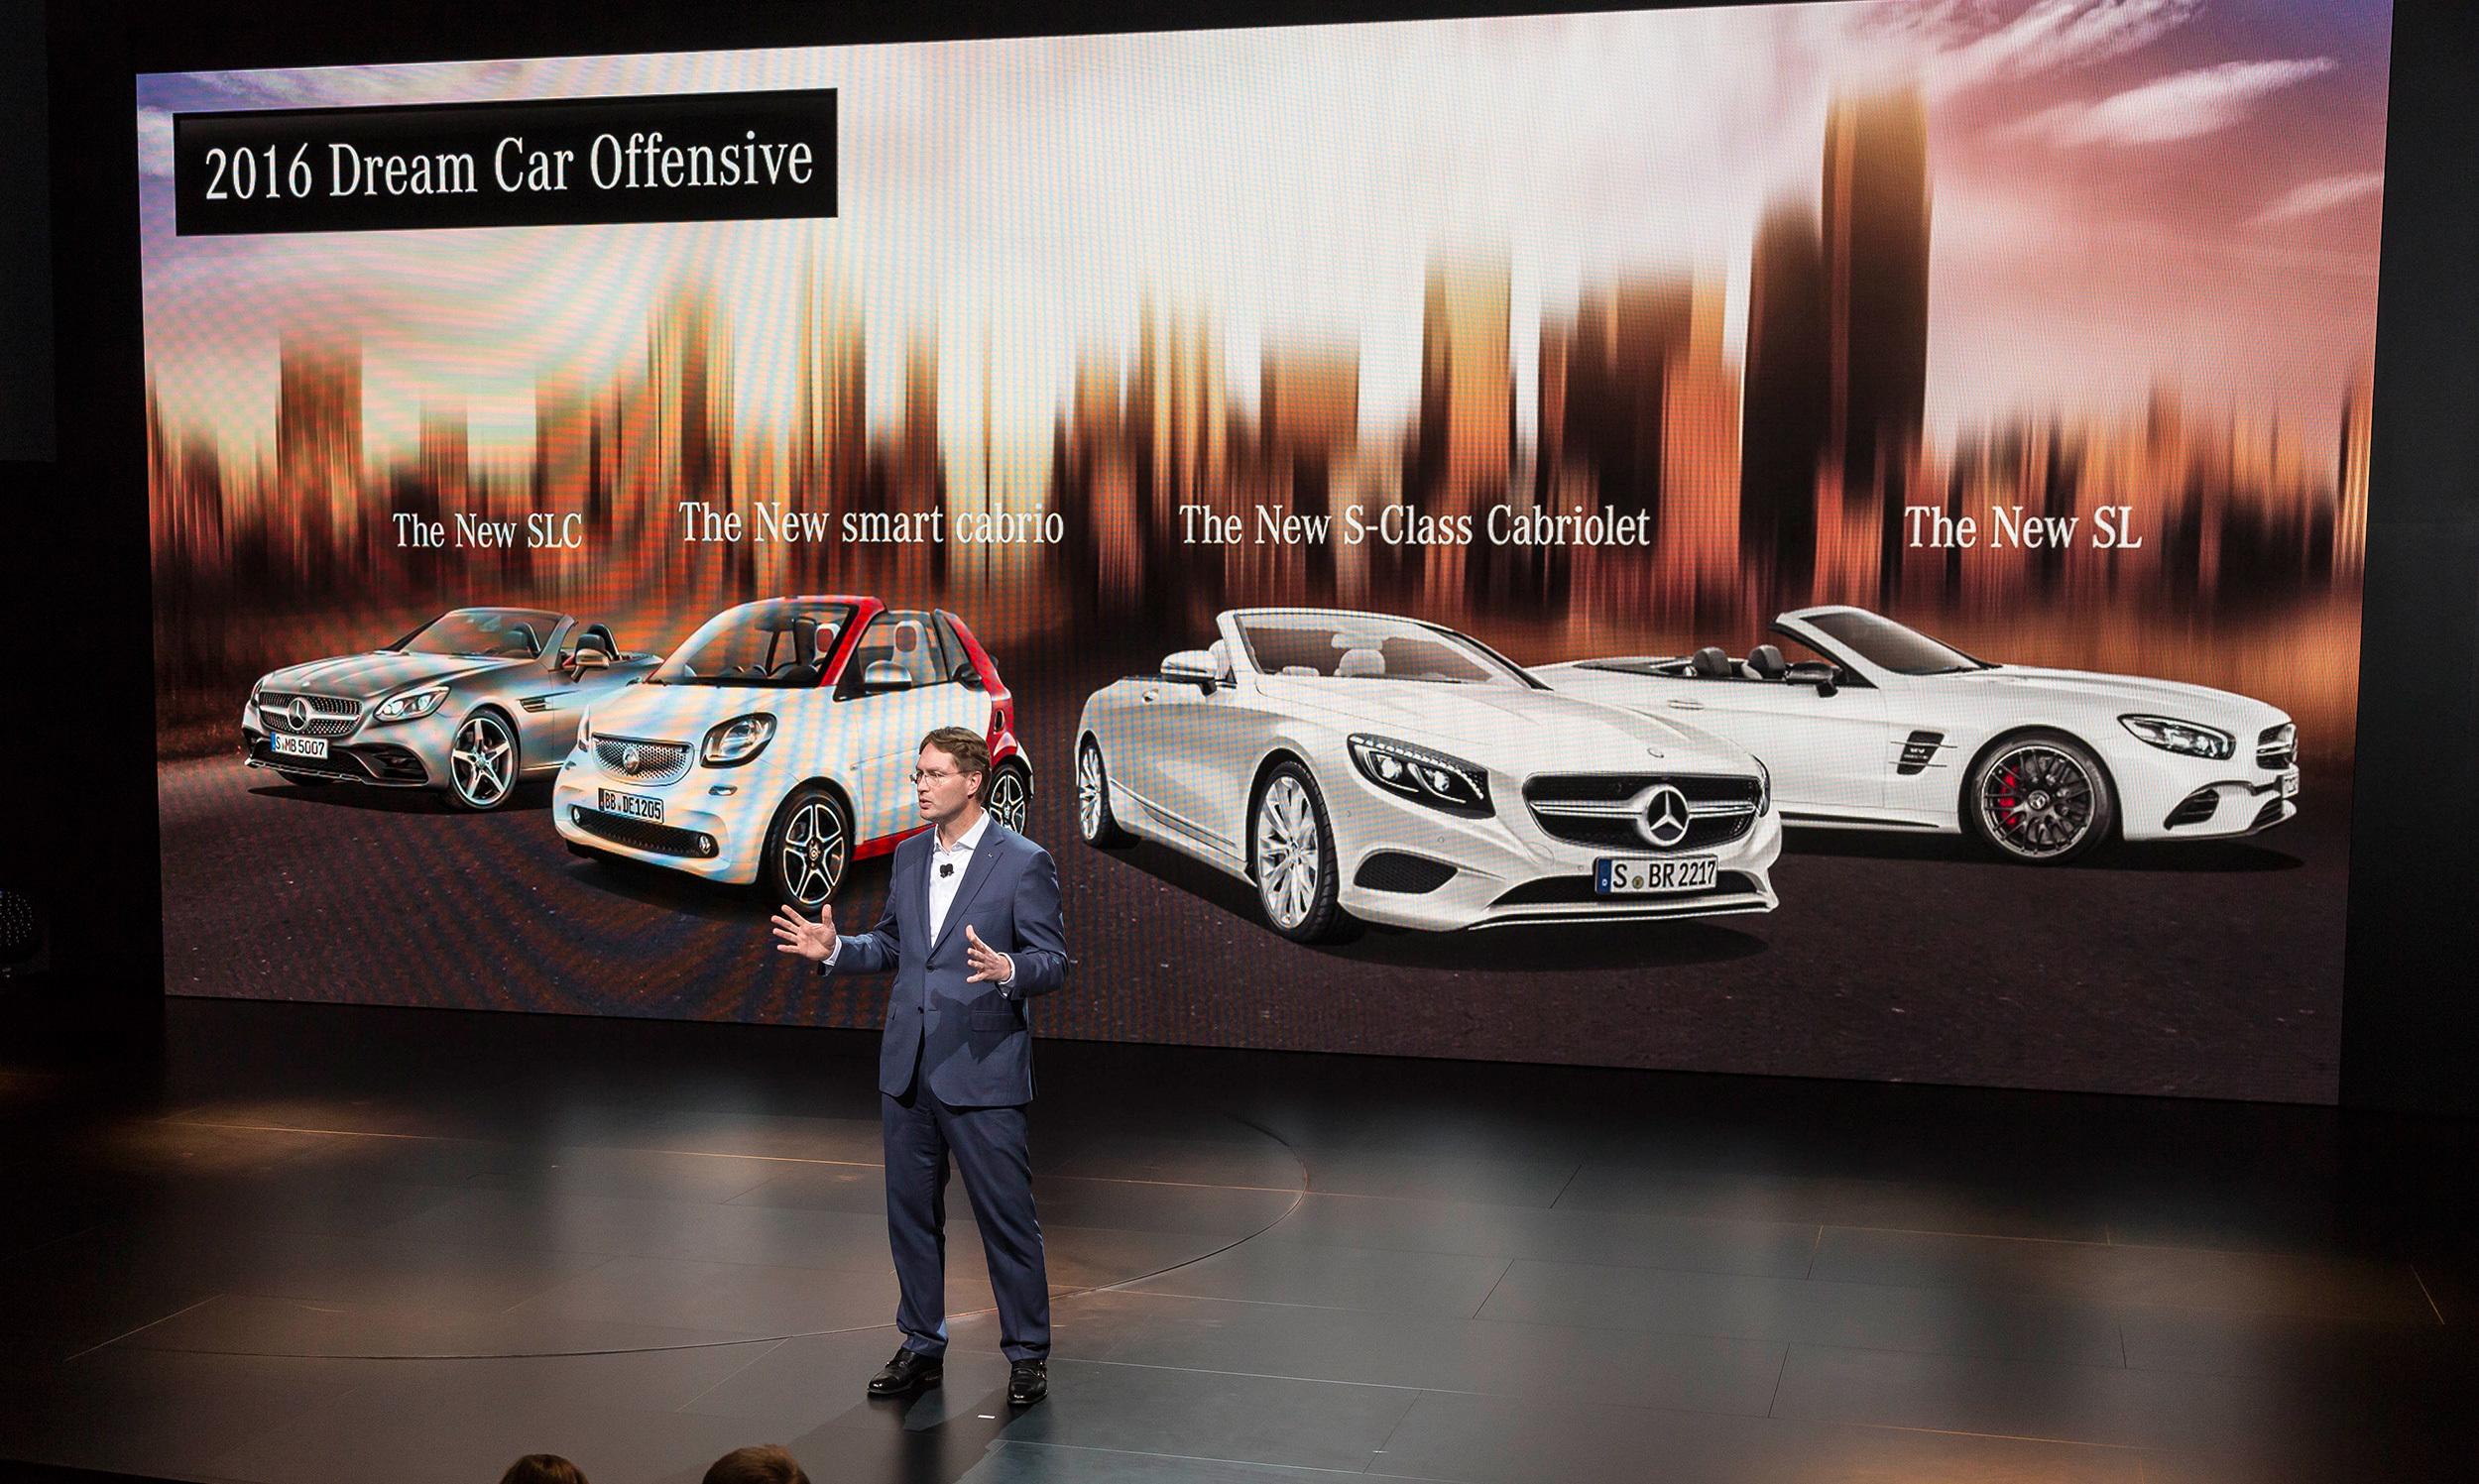 """Im Rahmen der """"Mercedes-Benz Night of Dream Cars"""" setzte die Marke mit dem Stern erste Glanzlichter im Vorfeld des 86. Genfer Automobil-Salons. Am Vorabend der Messe debütierte das erste Cabriolet in der Geschichte der C-Klasse bei einer Doppel-Weltpremiere: Neben dem Serienmodell von Mercedes-Benz rollte auch das Performance-Modell Mercedes-AMG C 43 4MATIC Cabriolet ins Rampenlicht. ;  The brand with the three-pointed star unveiled its first highlights ahead of the 86th Geneva International Motor Show at the """"Mercedes-Benz Night of Dream Cars"""". Making its debut on the eve of the show was the first cabriolet in the history of the C-Class, unveiled in a double world premiere. Rolling into the spotlight alongside the Mercedes-Benz production model was the performance model, the Mercedes-AMG C 43 4MATIC Cabriolet.;"""